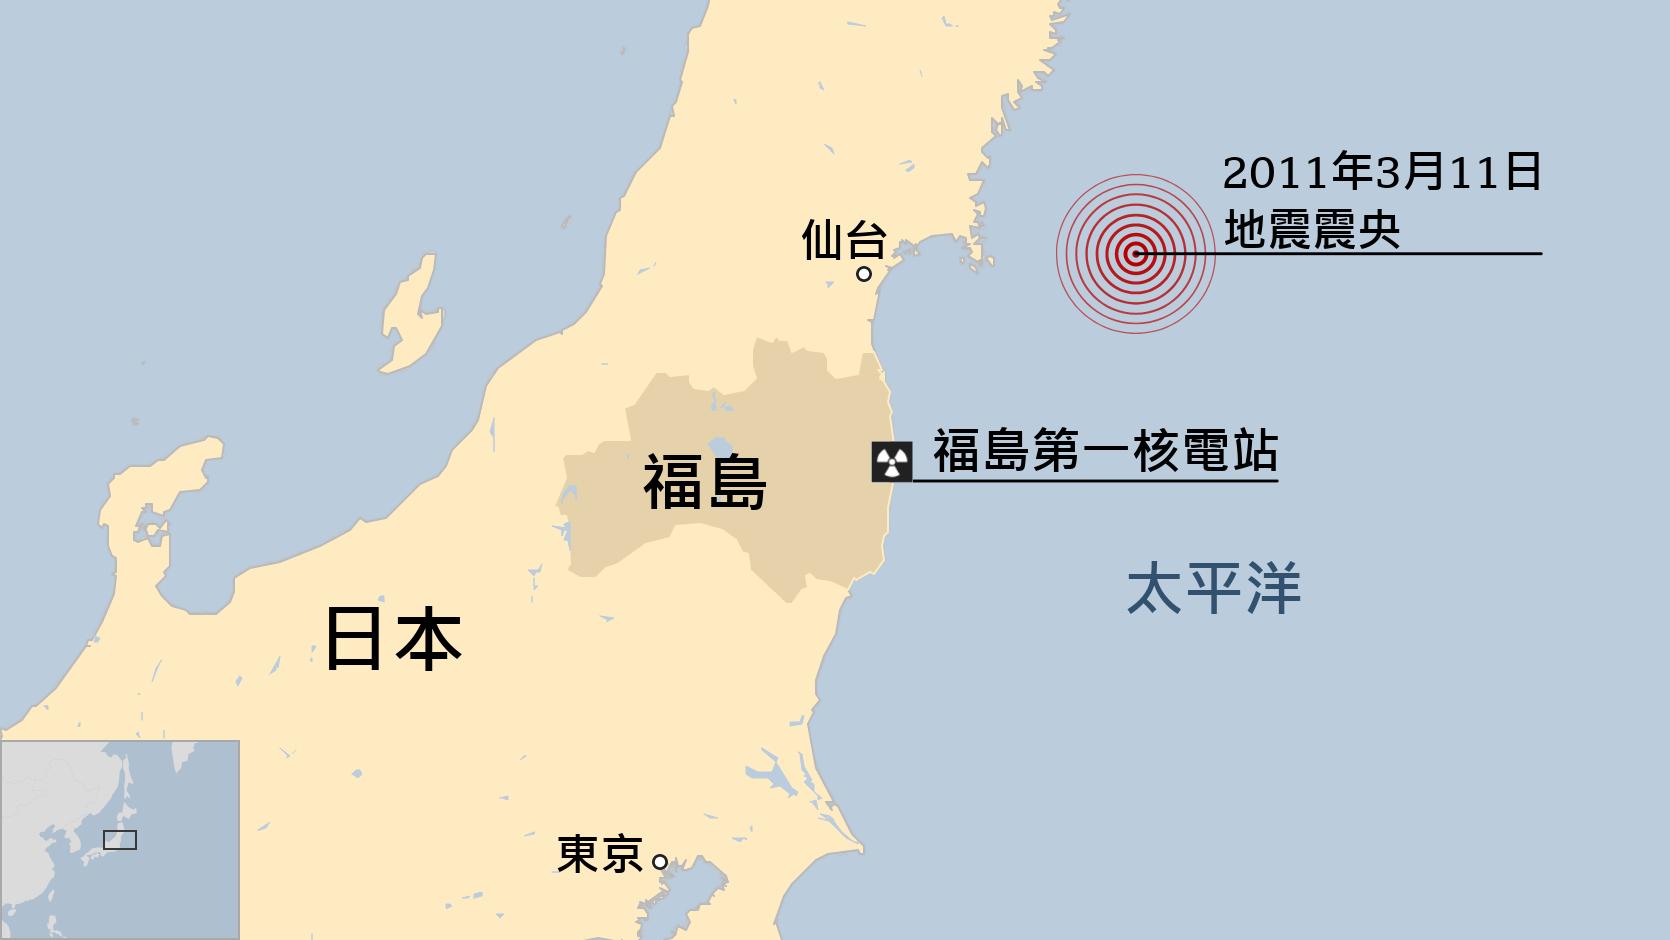 地圖:福島第一核電站位置(相對於日本東京、仙台)